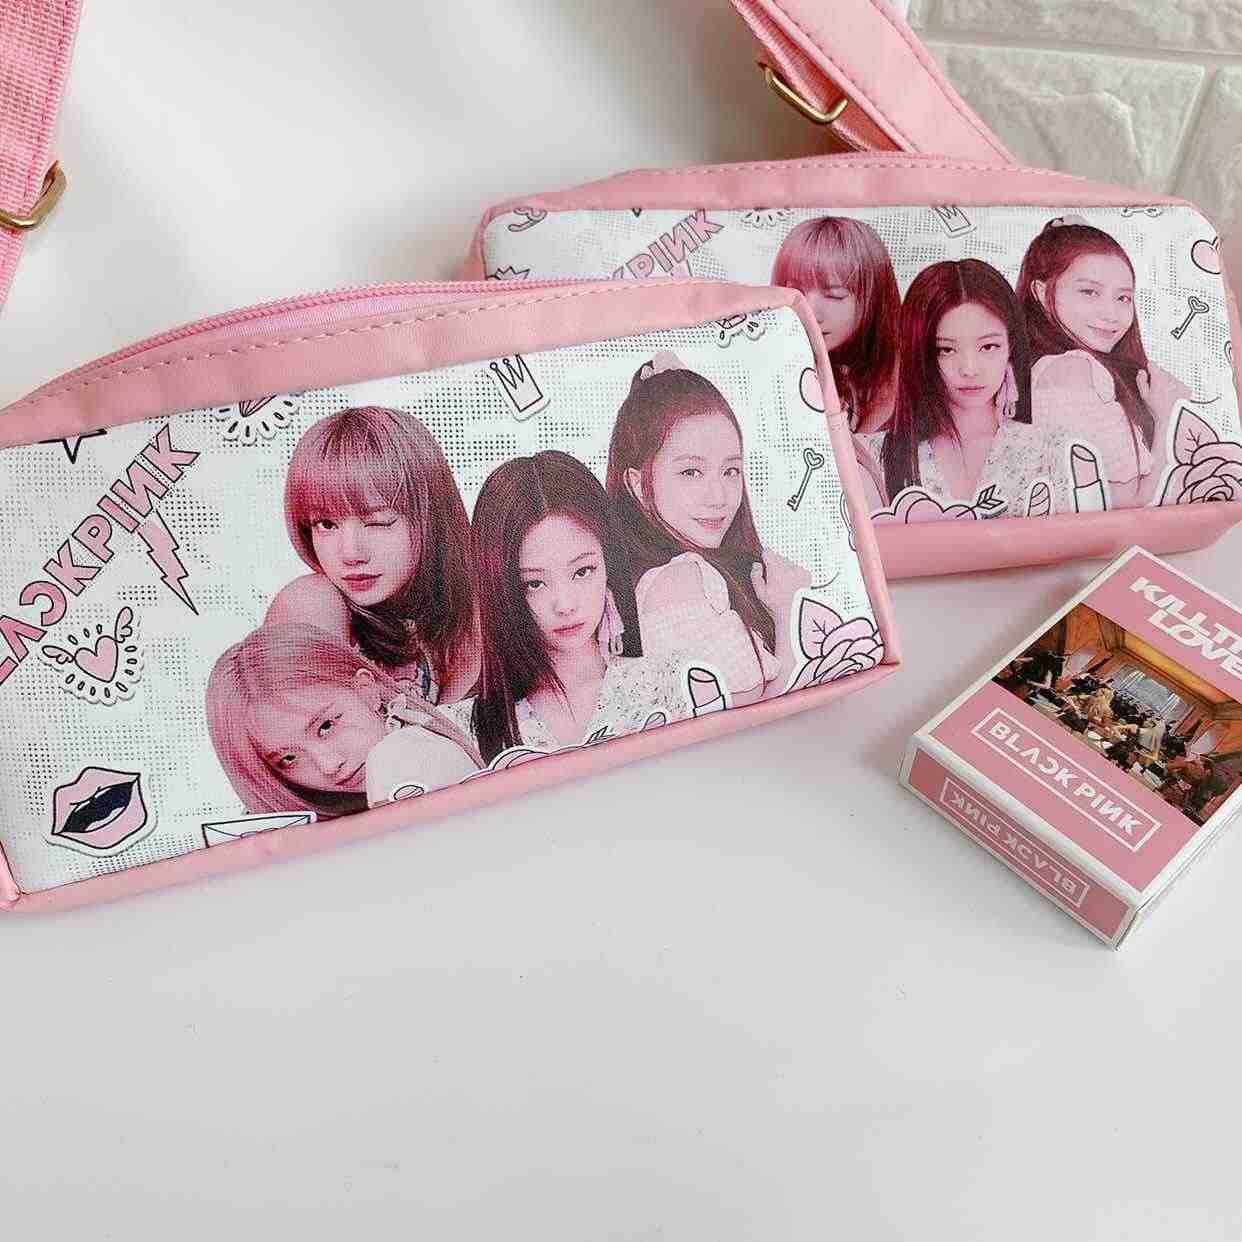 KPOP 크리 에이 티브 Blackpink 지갑 한국어 Pu 펜 가방 편지지 대용량 학생 편지지 연필 상자 가방 도매